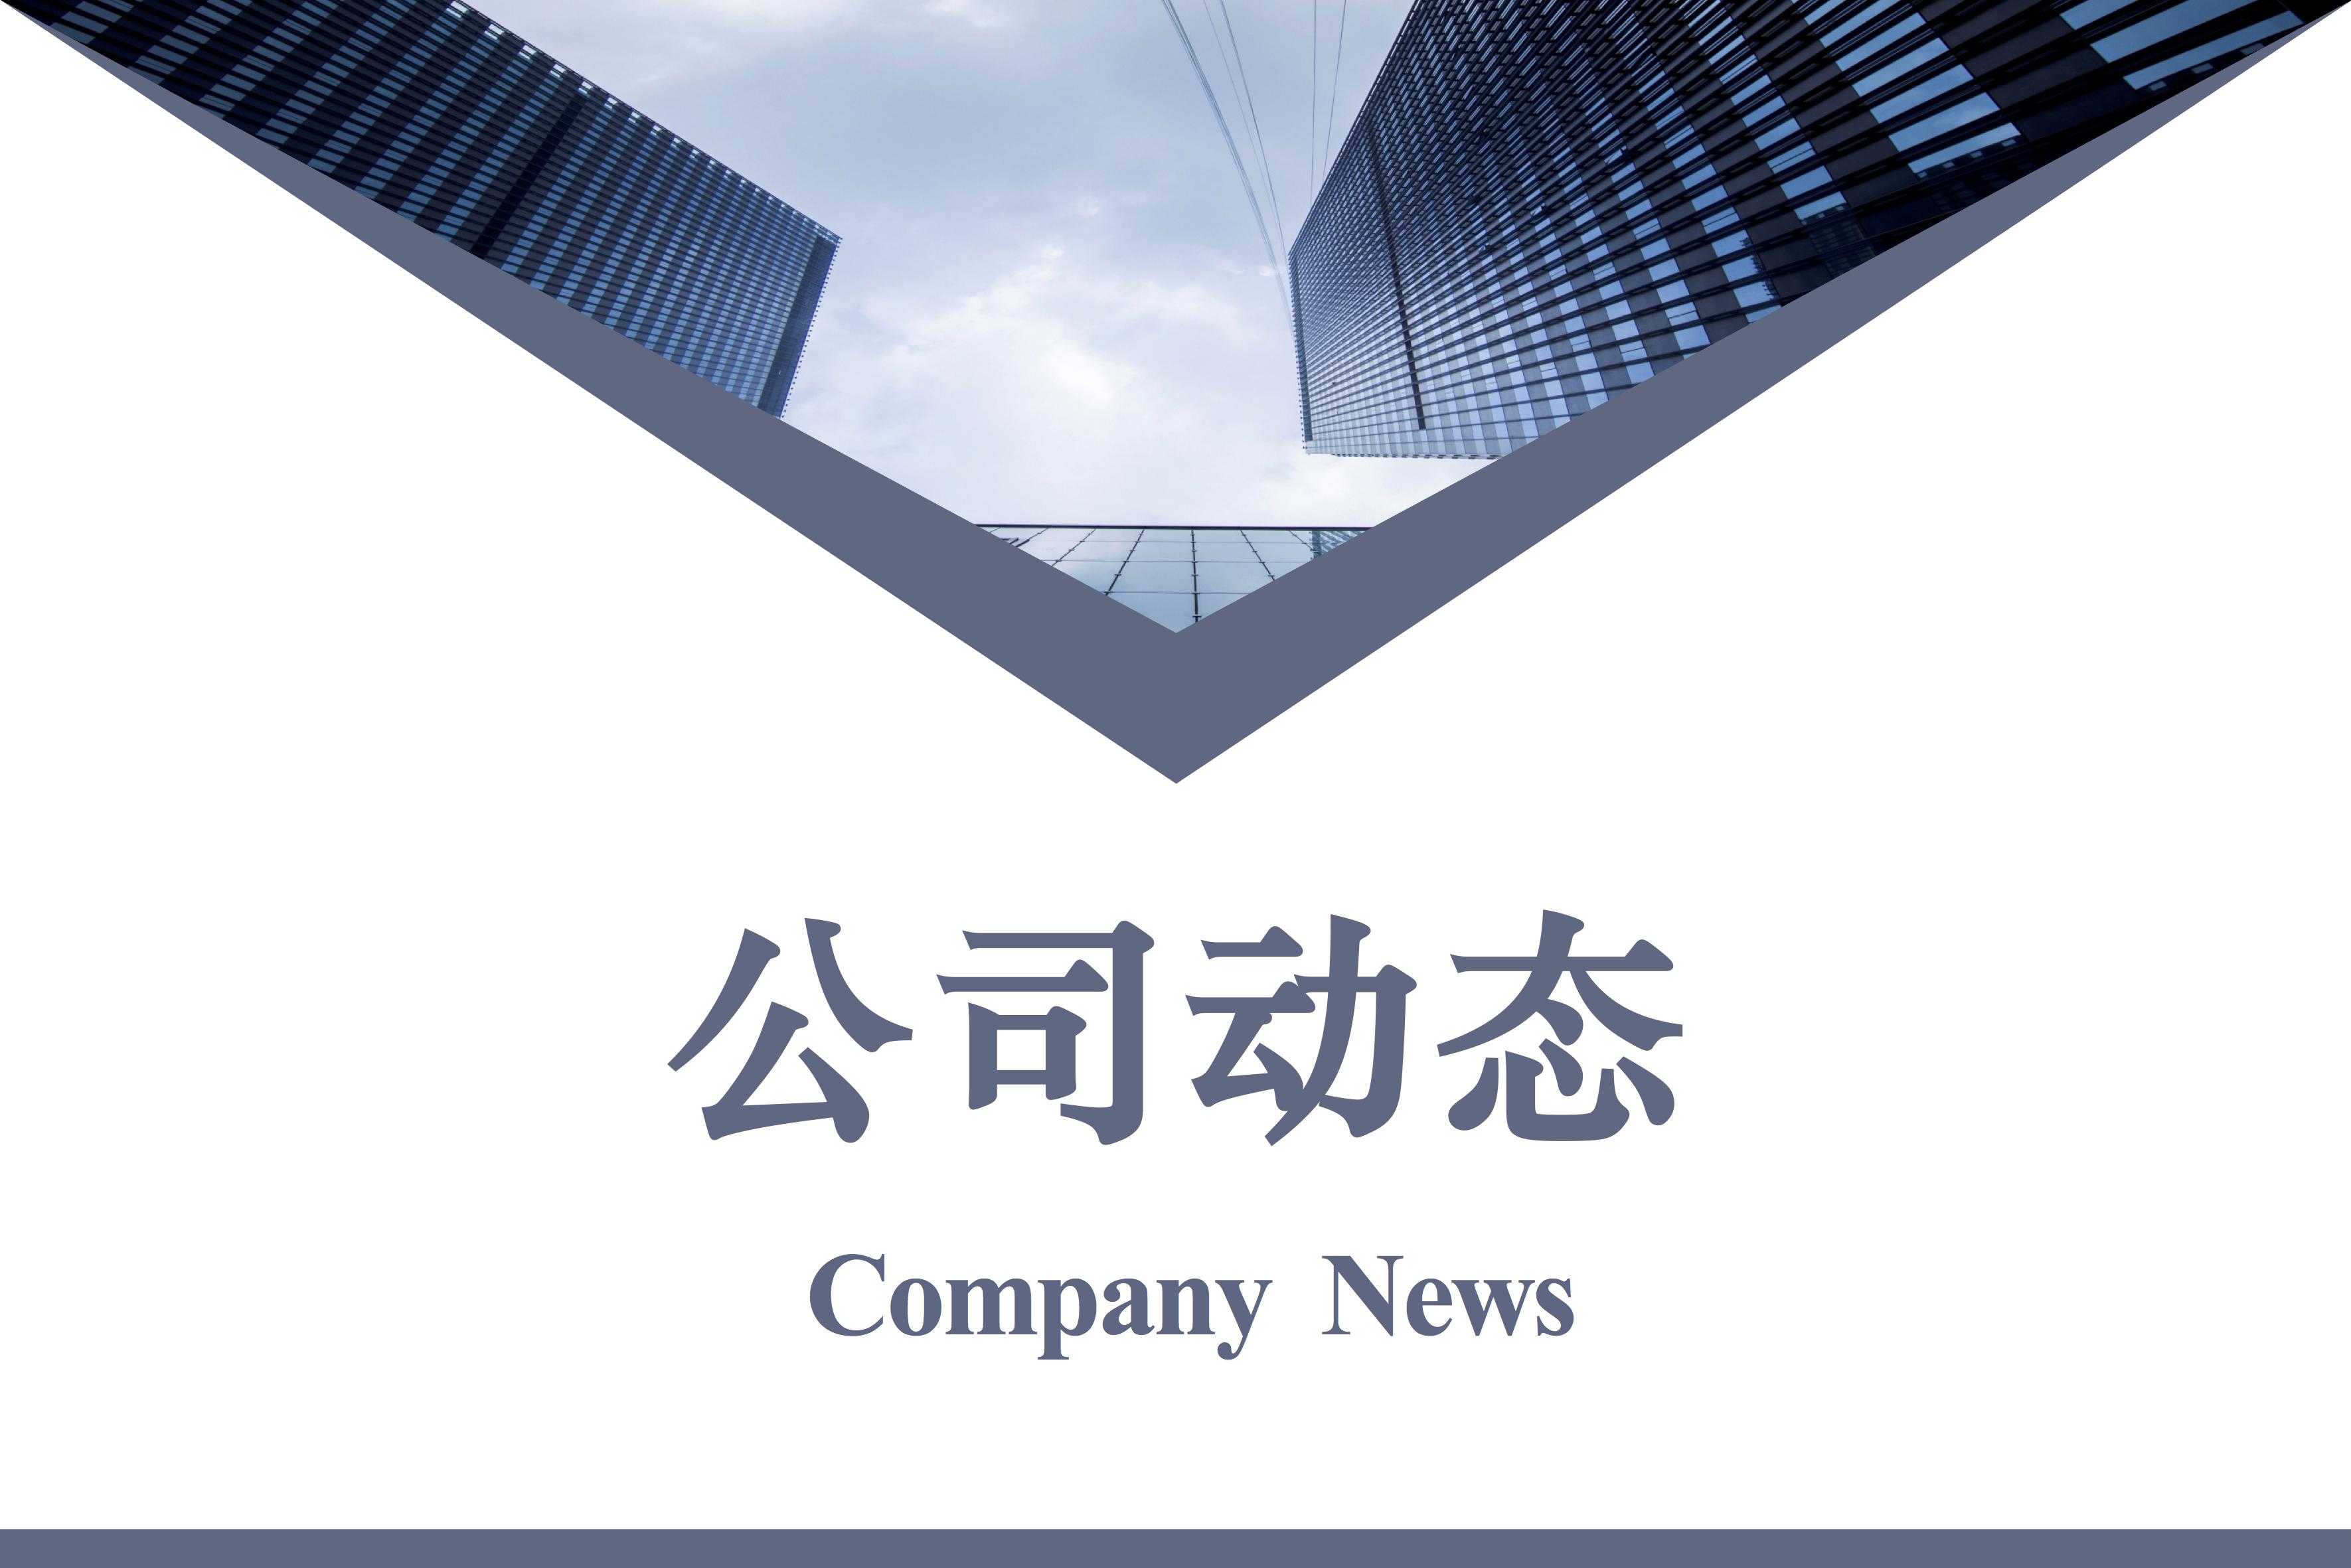 赛智时代赵刚博士受邀出席北京市促进区块链产业发展专家研讨会